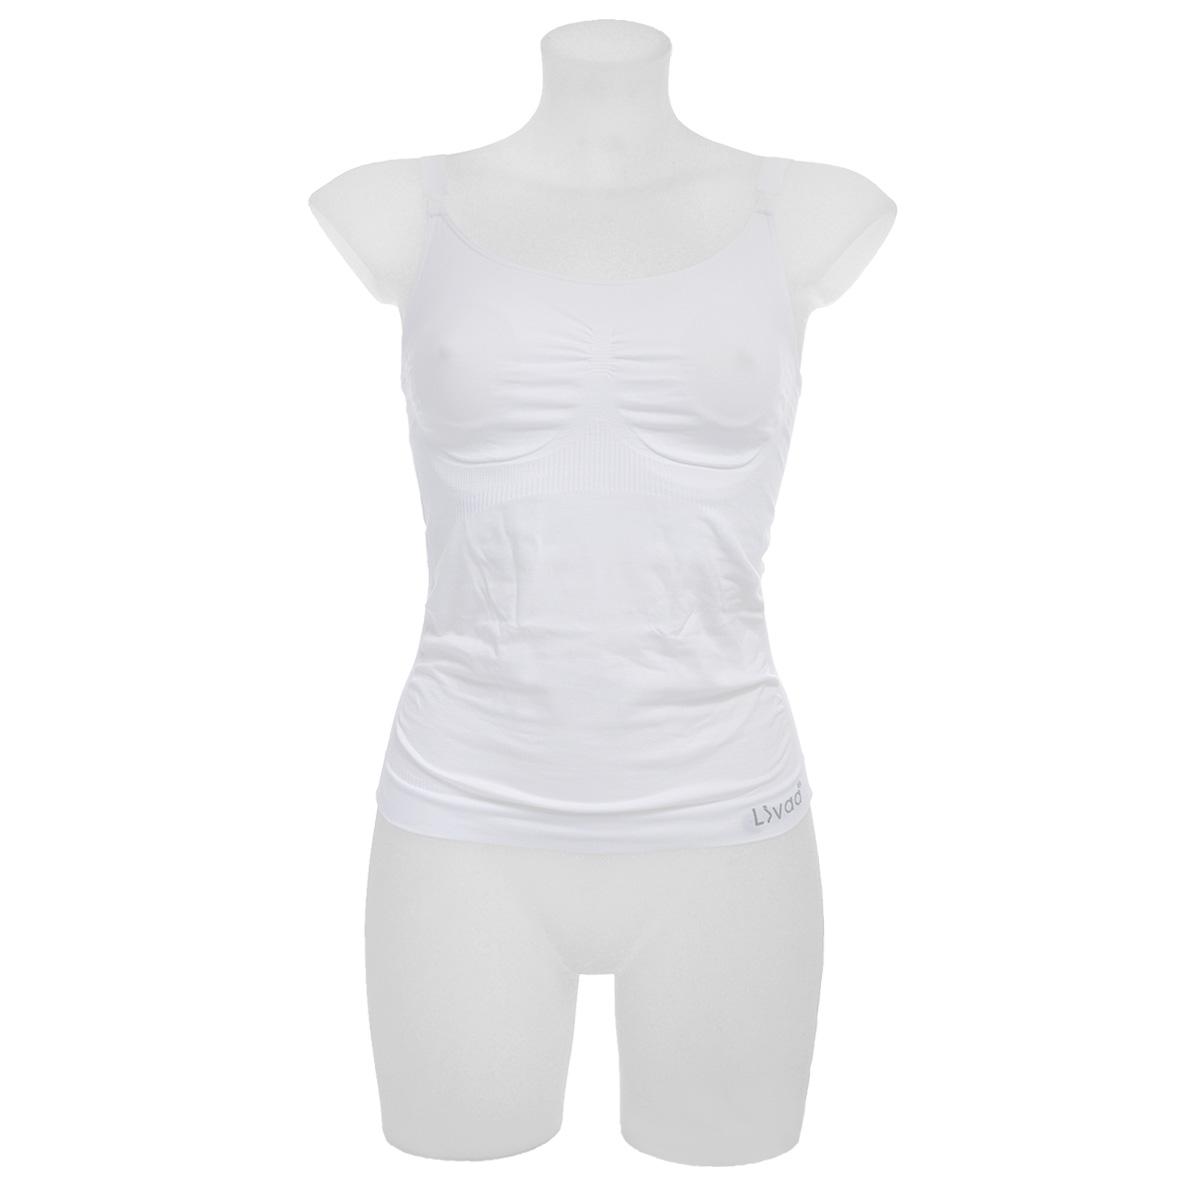 14364Бесшовная майка Livaa с отстегивающимися чашками из мягкой микрофибры идеально подходит и во время беременности, и в период кормления. Майку можно носить как в качестве нижнего белья, к примеру, под джемпер, так и наверх, с джинсами или под пиджак. Стильный и практичный дизайн для комфортного кормления. Простое освобождение застежки с обеих сторон облегчает переход к процессу кормления. Встроенный бюстгальтер поддерживает грудь и предотвращает появления растяжек на груди. Бесшовное белье фирмы Livaa изготовлено по новейшим технологиям с использованием современных материалов. Уплотненная микрофибра, использование нескольких типов вязки делает изделия нежными и комфортными. Отсутствие швов создает идеальное облегание, не давит на кожу, легко стирается, не деформируется при носке. Белье произведено по NanoTechnology технологии, что обеспечивает отличное поглощение влаги и свободную циркуляцию воздуха.